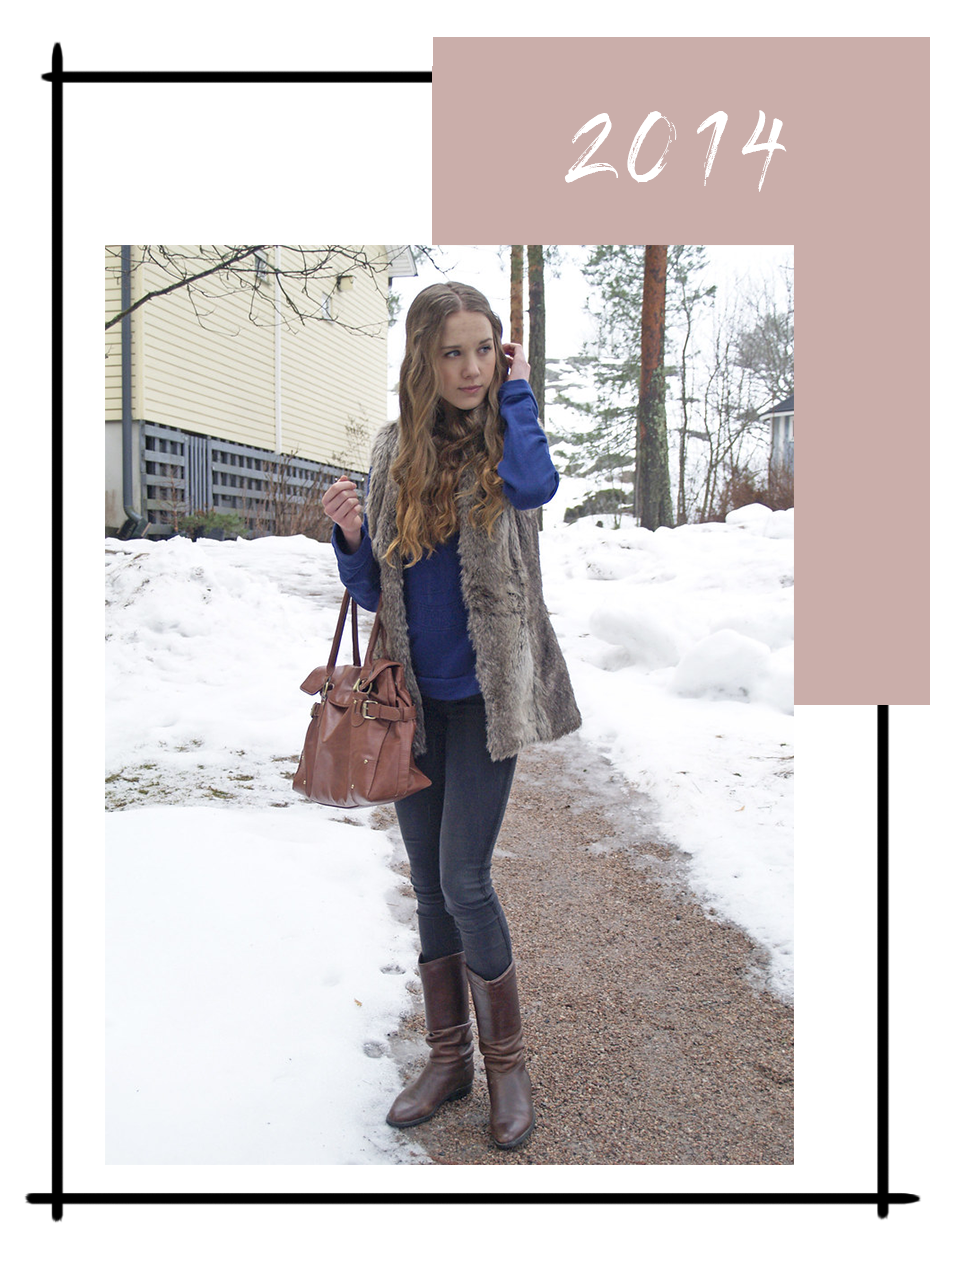 Fashion blogger outfit archives February 2014 - Asukuvien arkistoista helmikuu 2014